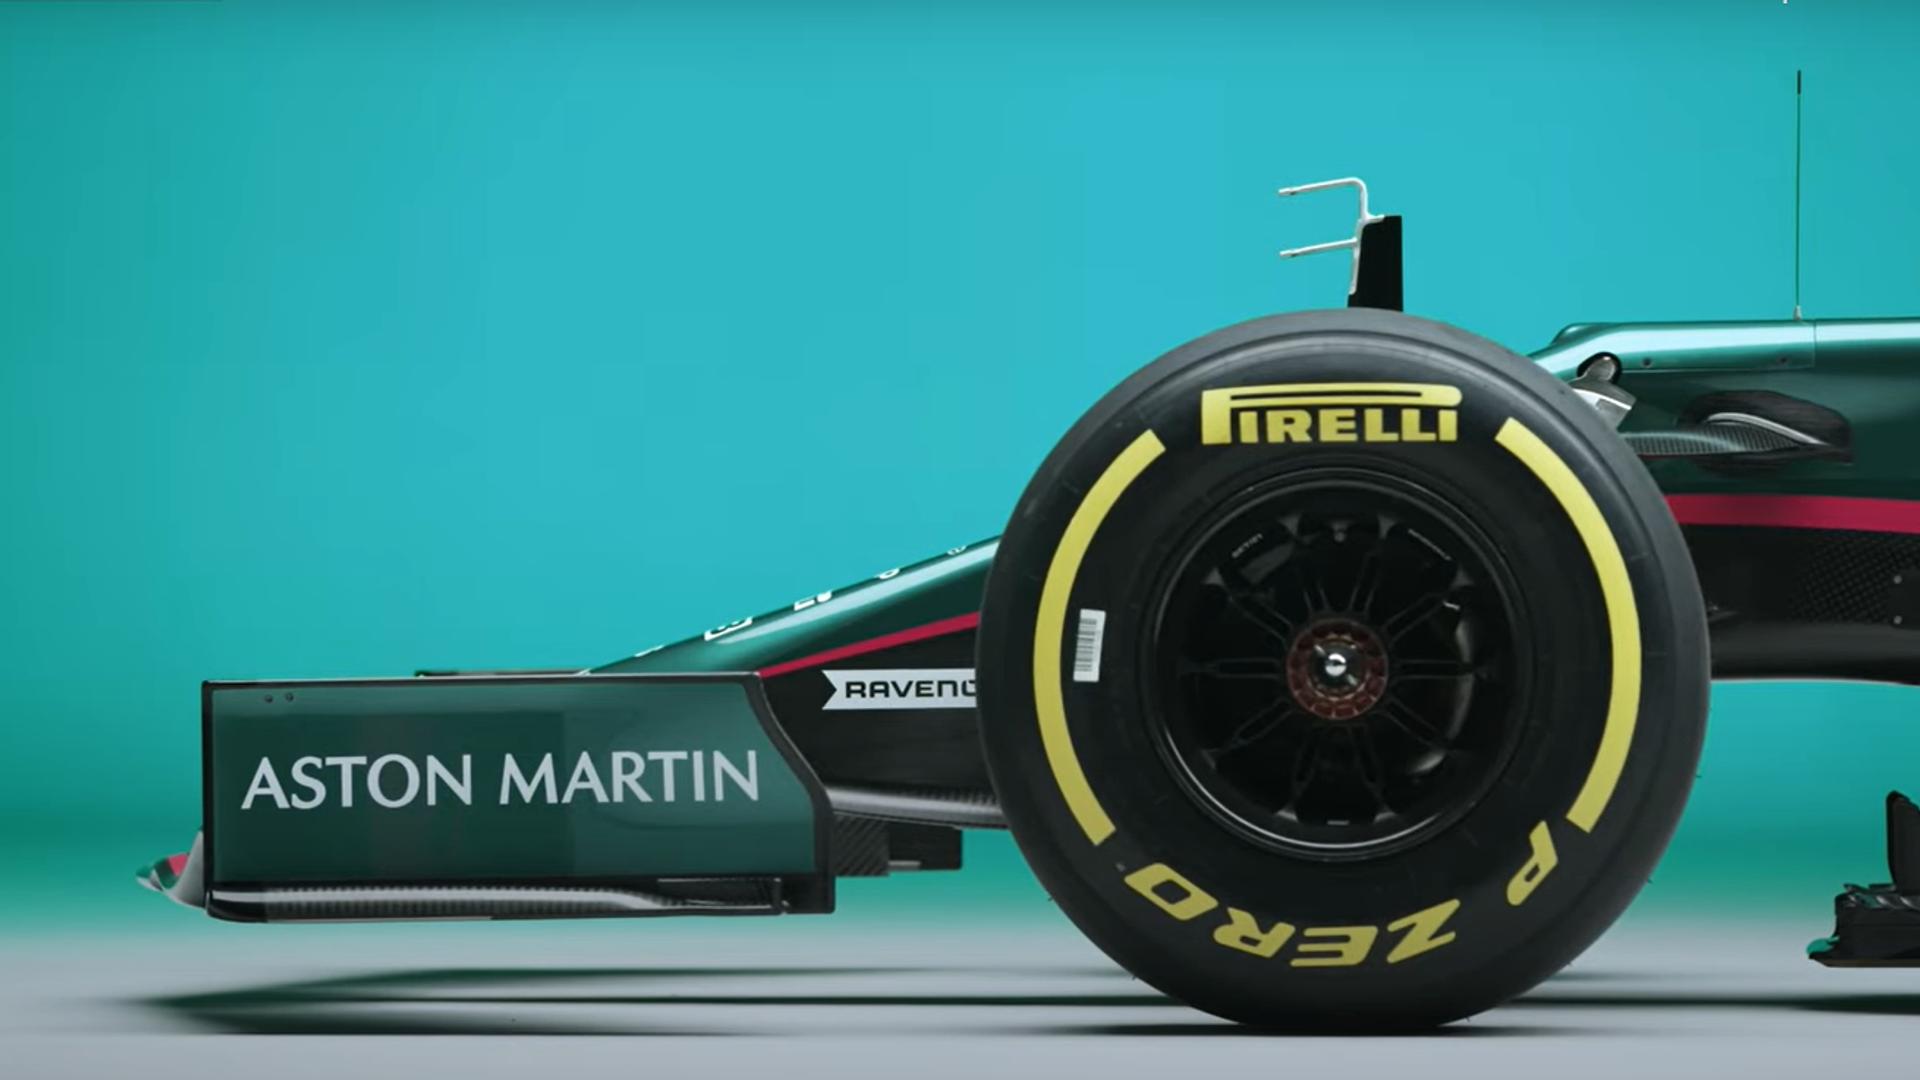 F1, Aston Martin lancia la sua nuova auto 60 anni dopo la precedente - Sputnik Italia, 1920, 03.03.2021